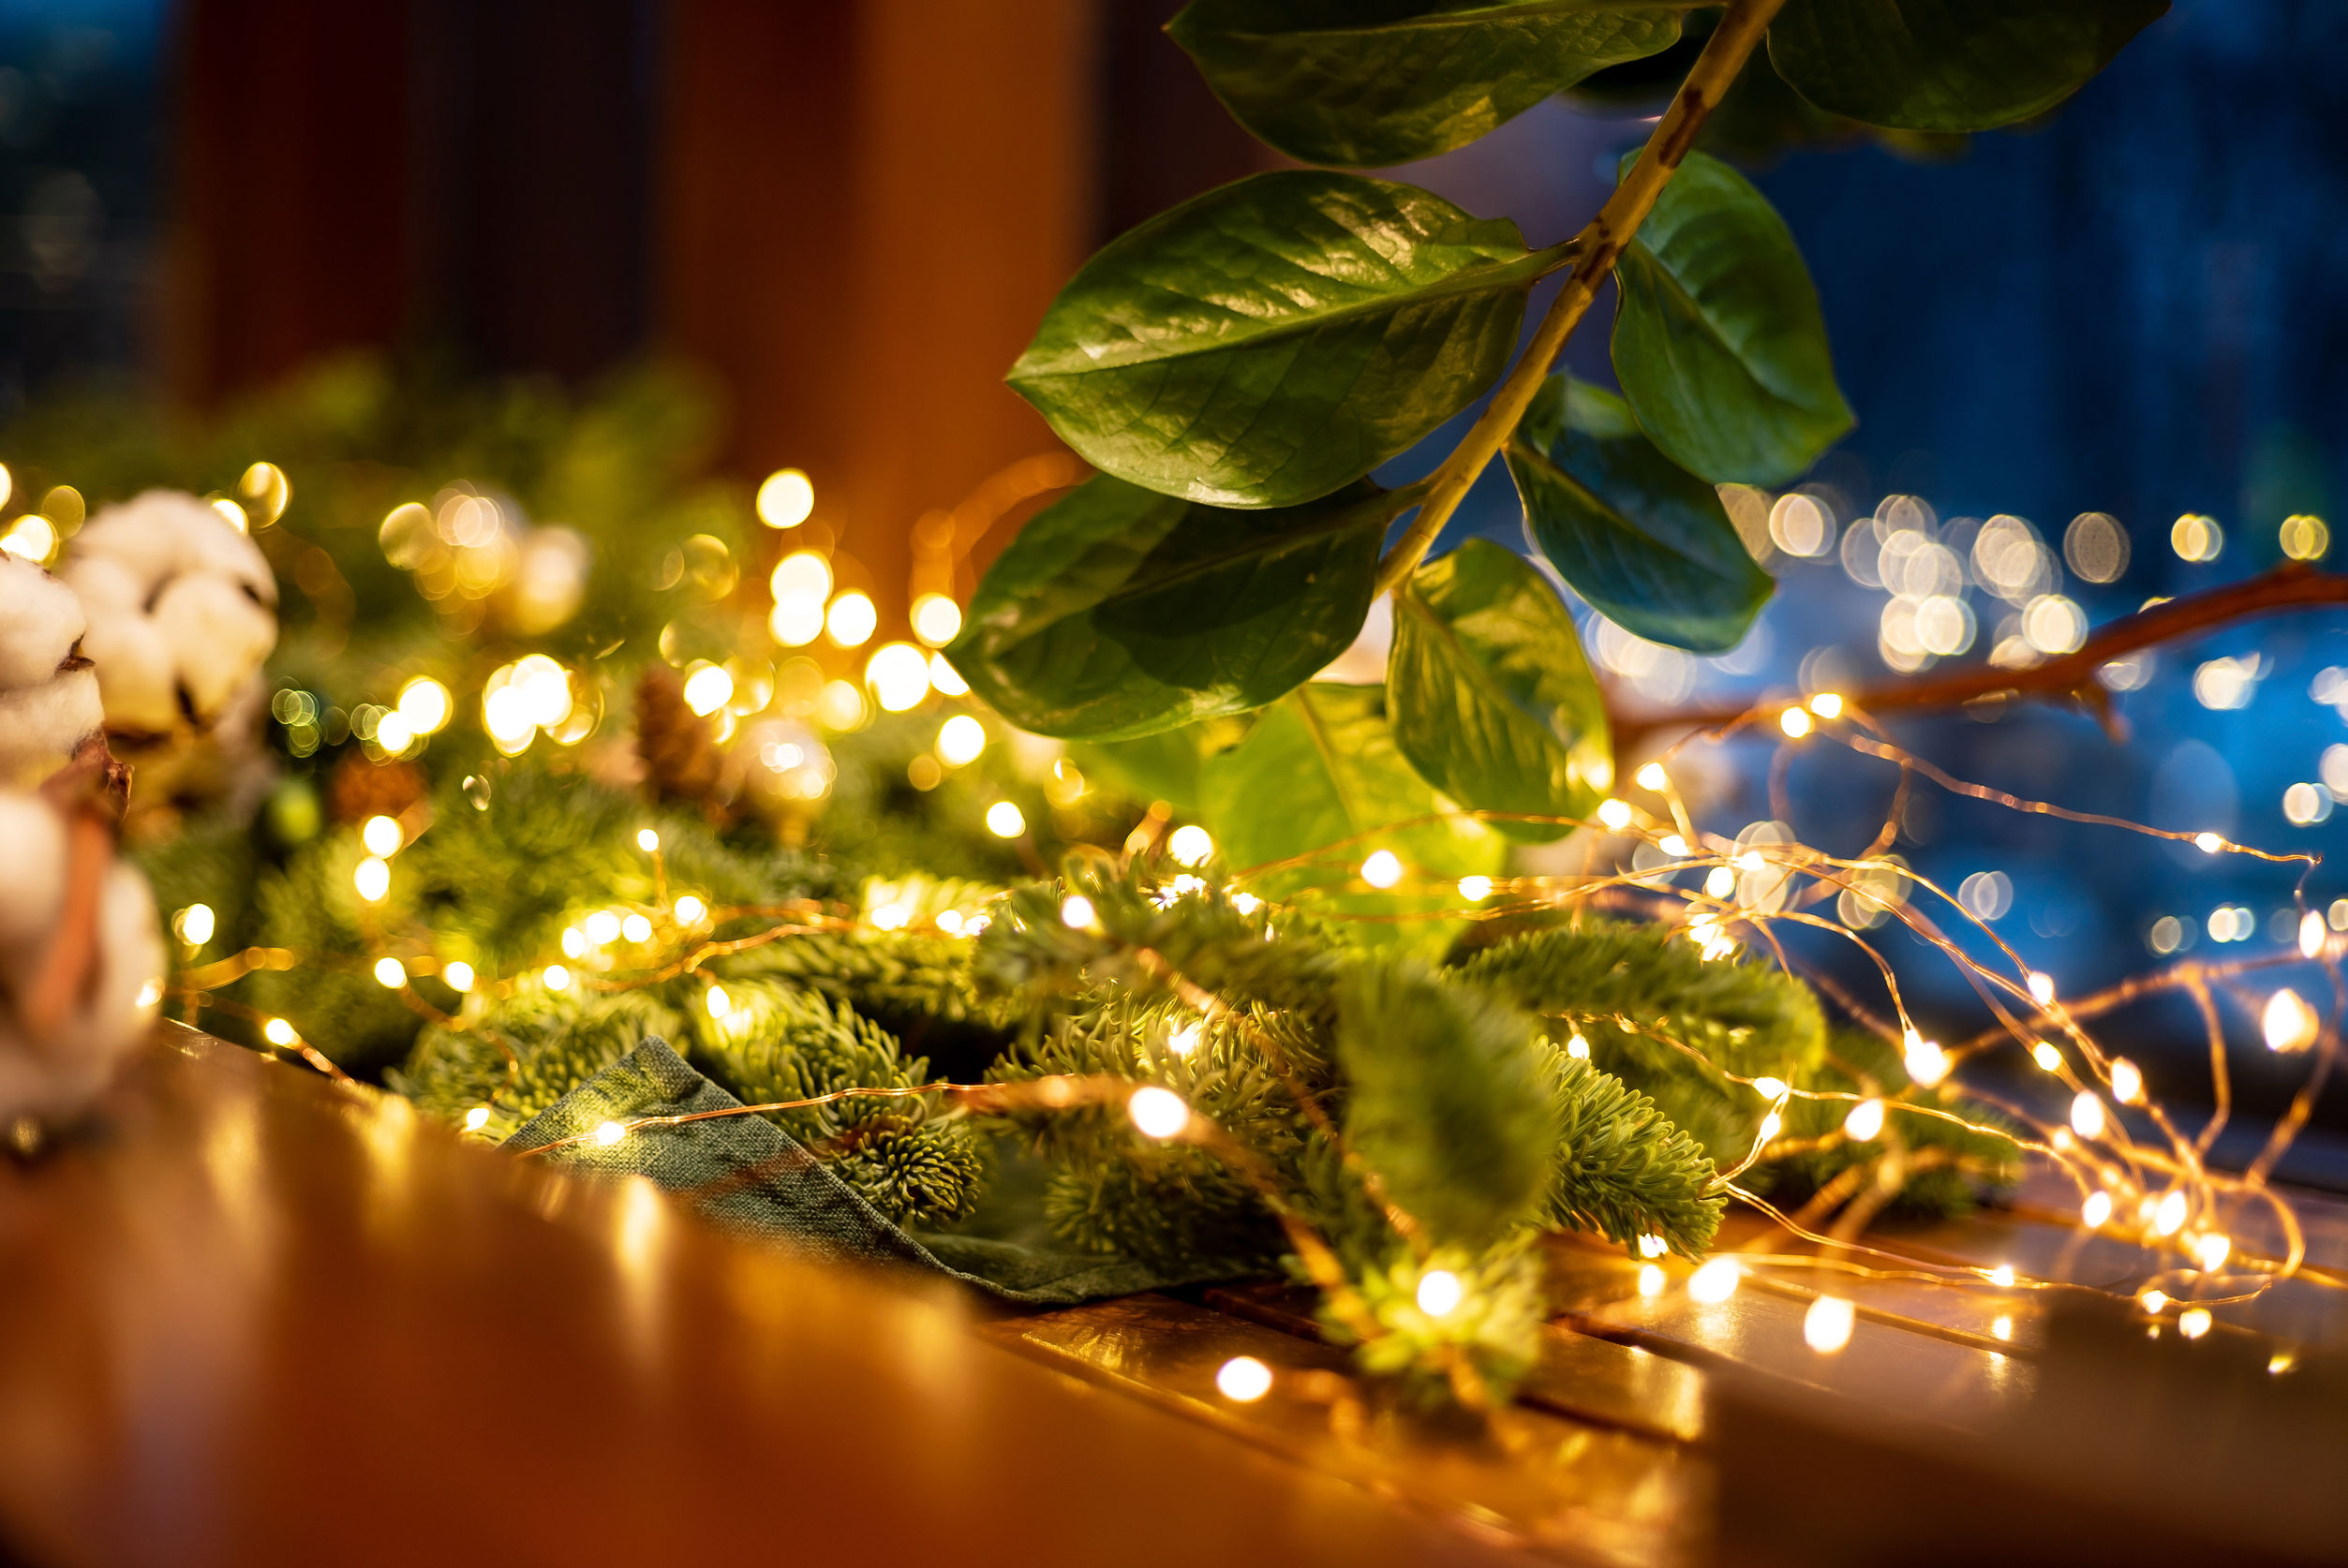 Full Size of Weihnachtsbeleuchtung Fenster Pyramide Innen Mit Kabel Batteriebetrieben Kabellos Fensterbank Befestigen Batterie Figuren Stern Led Silhouette Bunt Ohne Fenster Weihnachtsbeleuchtung Fenster